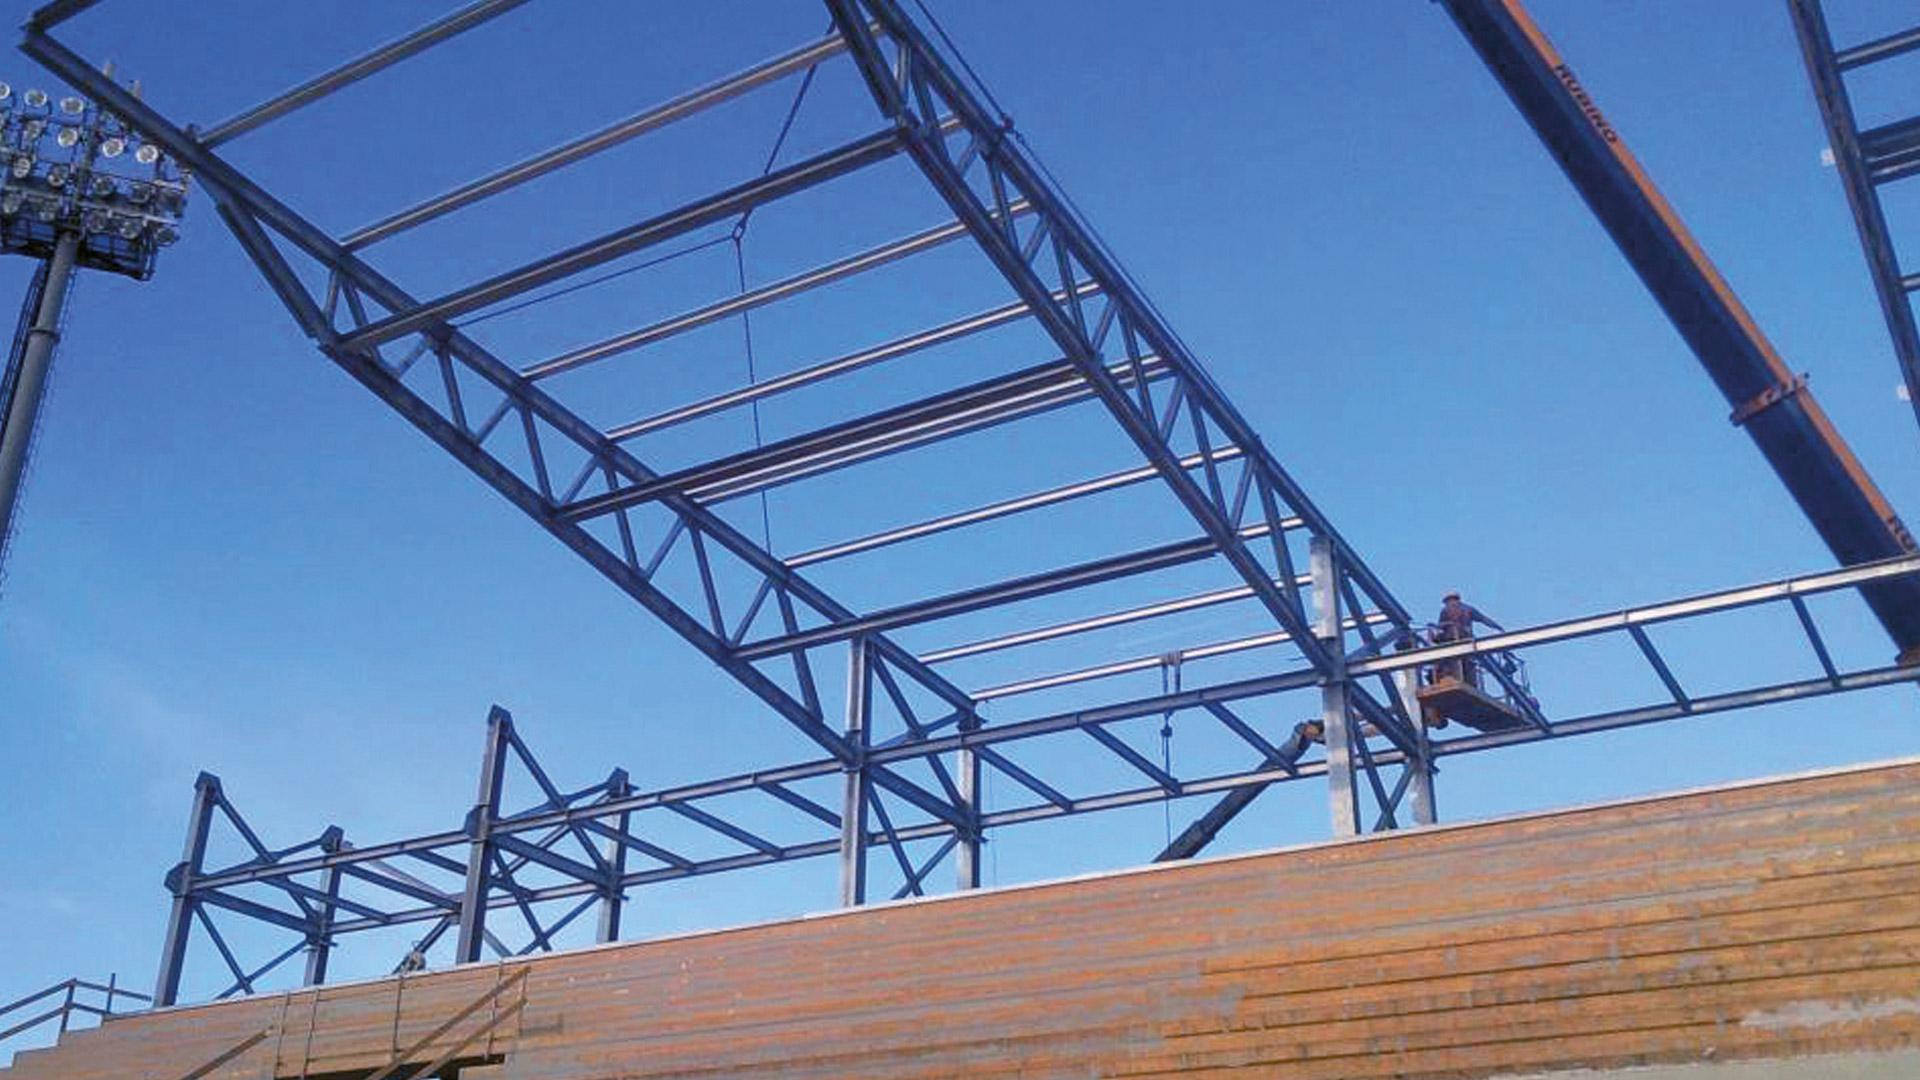 stadio-is-arenas-cagliari-struttura-metallica-tribune